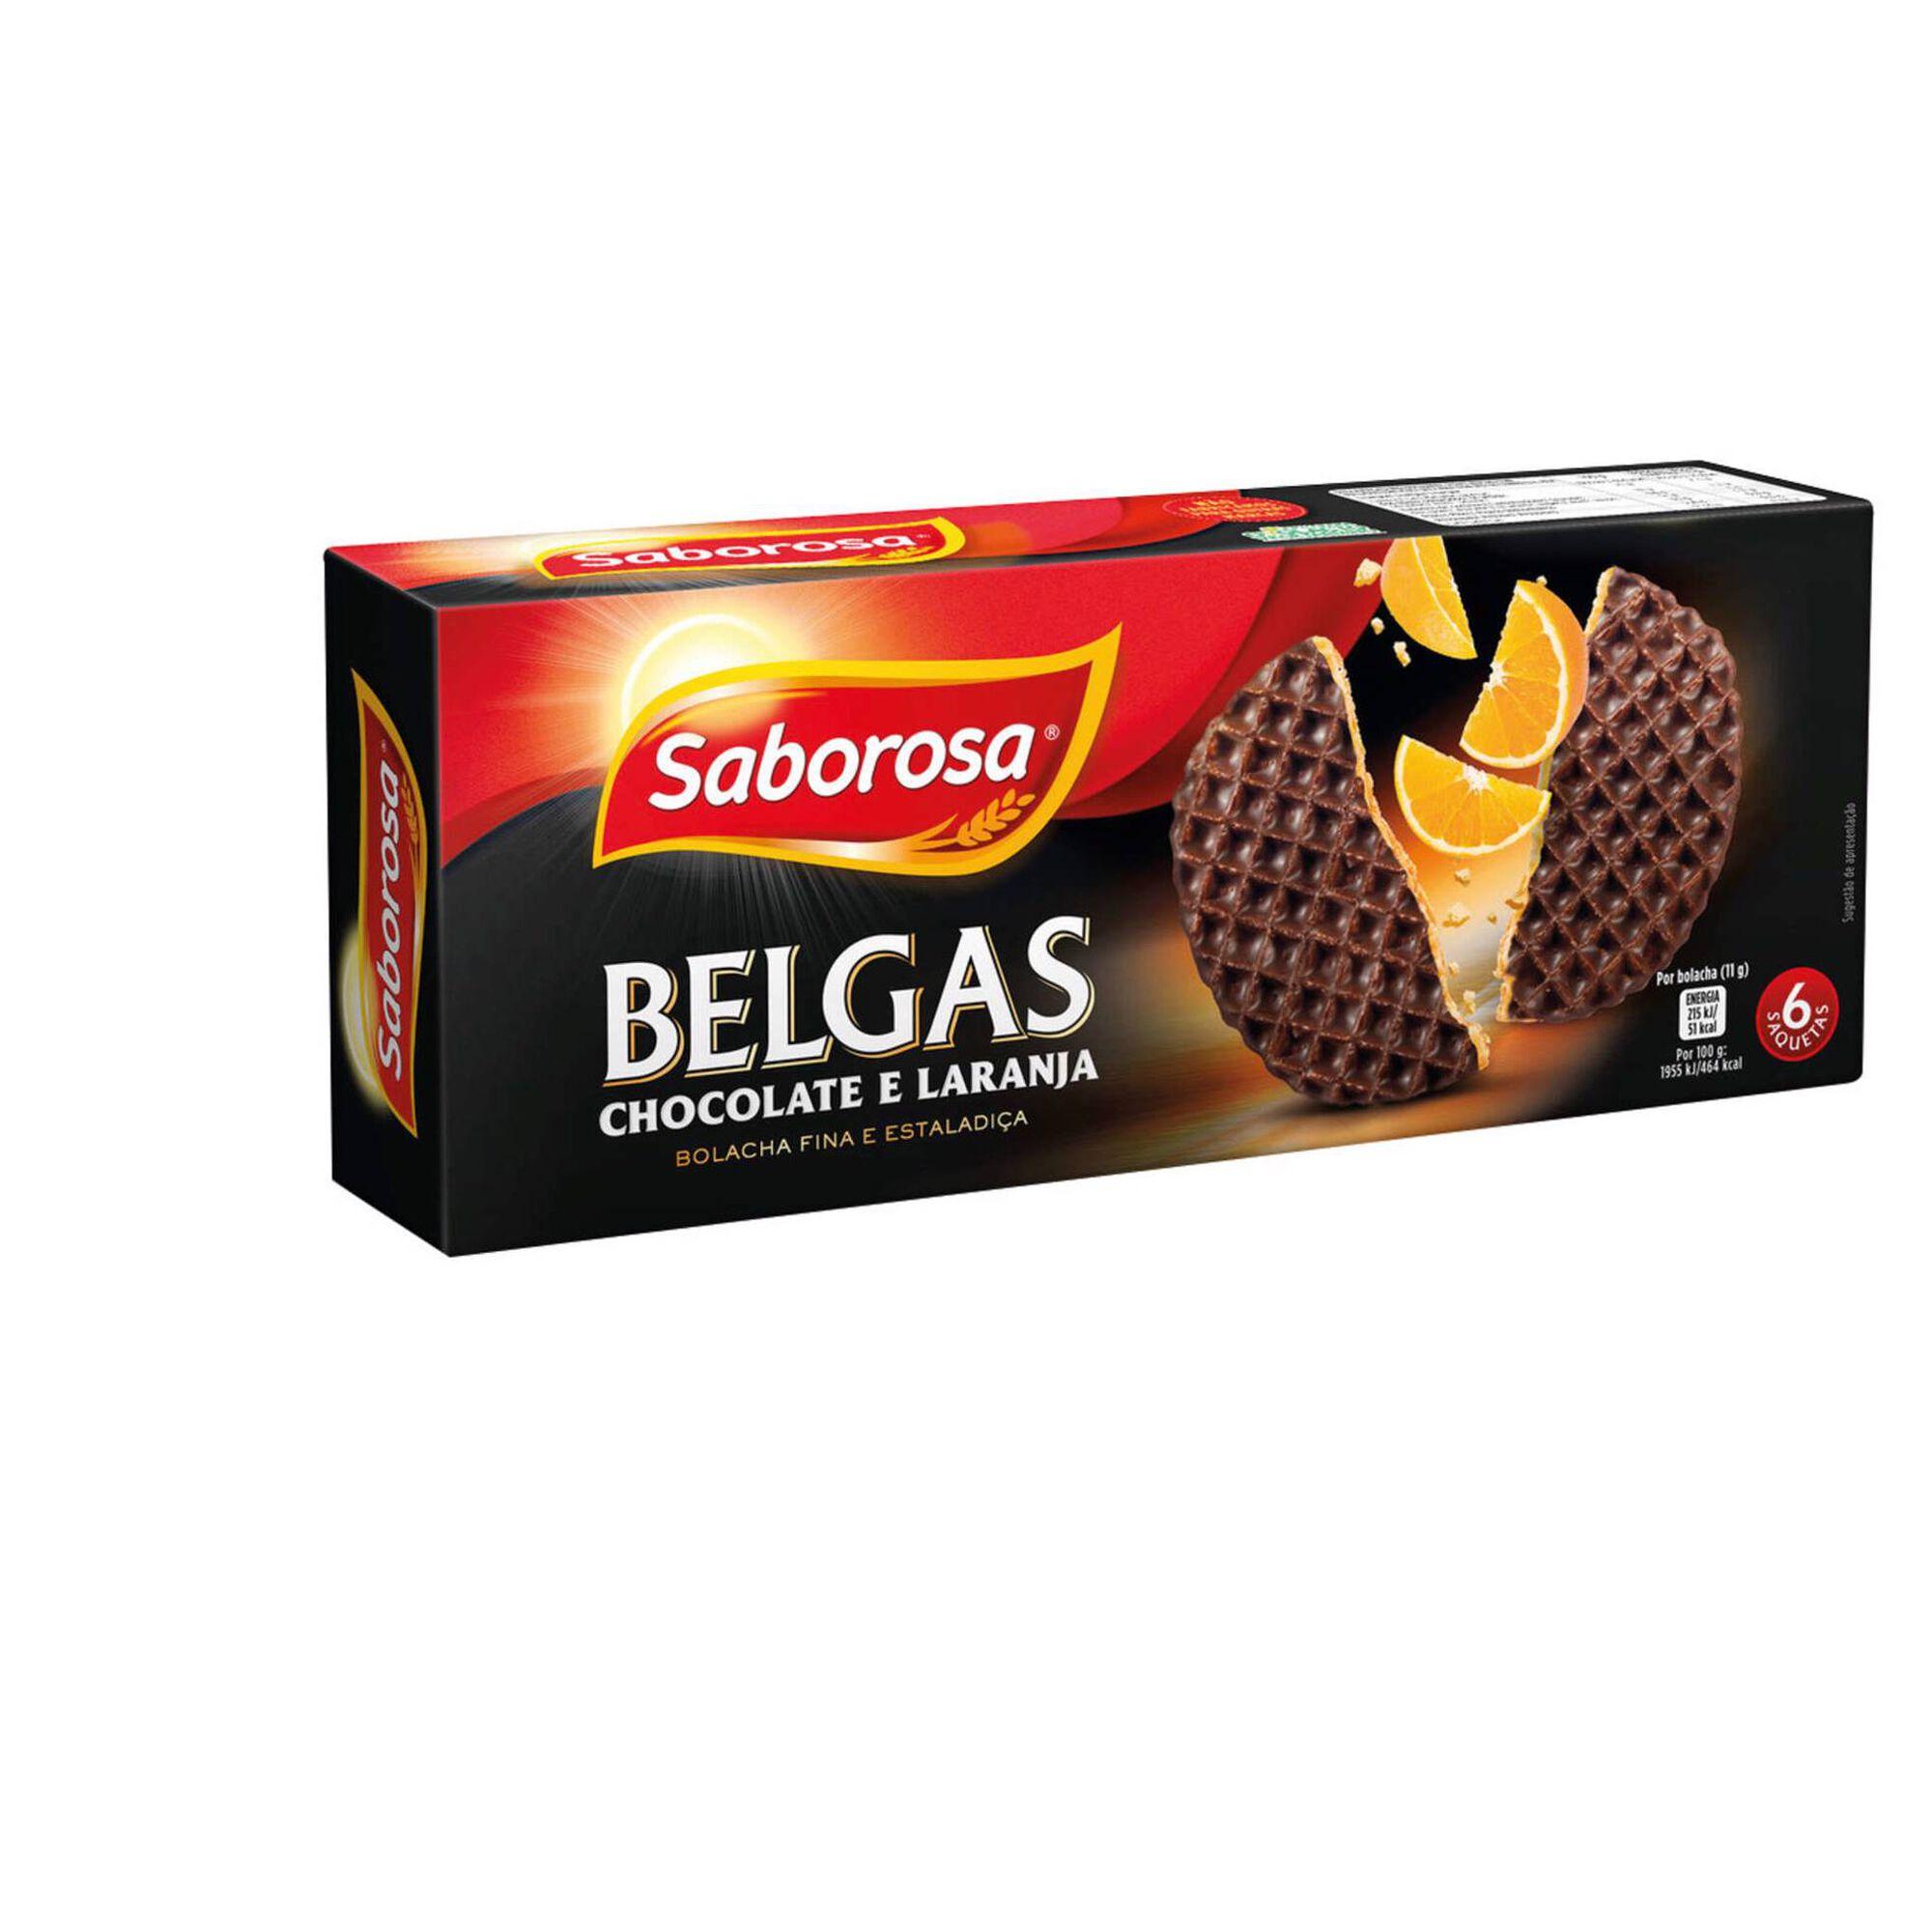 Bolachas Belgas Chocolate e Laranja